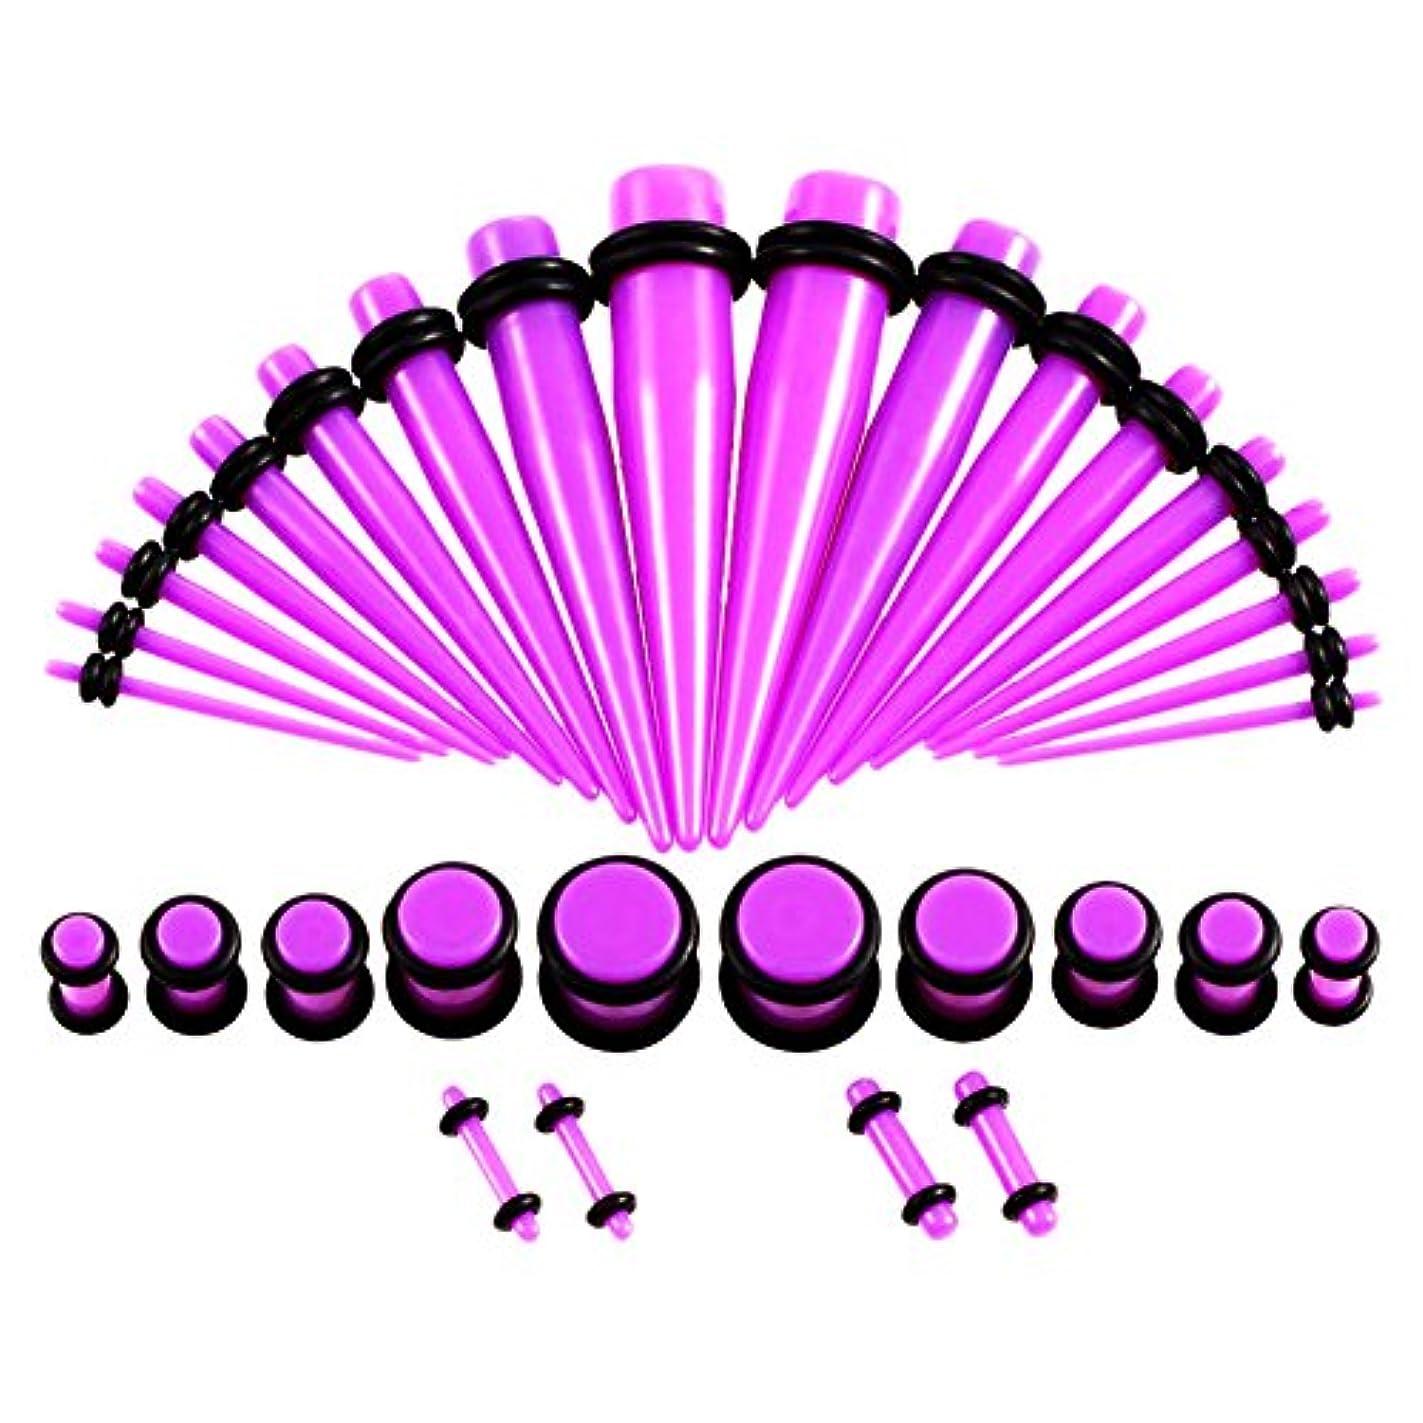 満足させる秋イサカRaiFu 耳ゲージ テーパとプラグ アクリル イヤーストレッチャーキット 36 PCS バイオレット